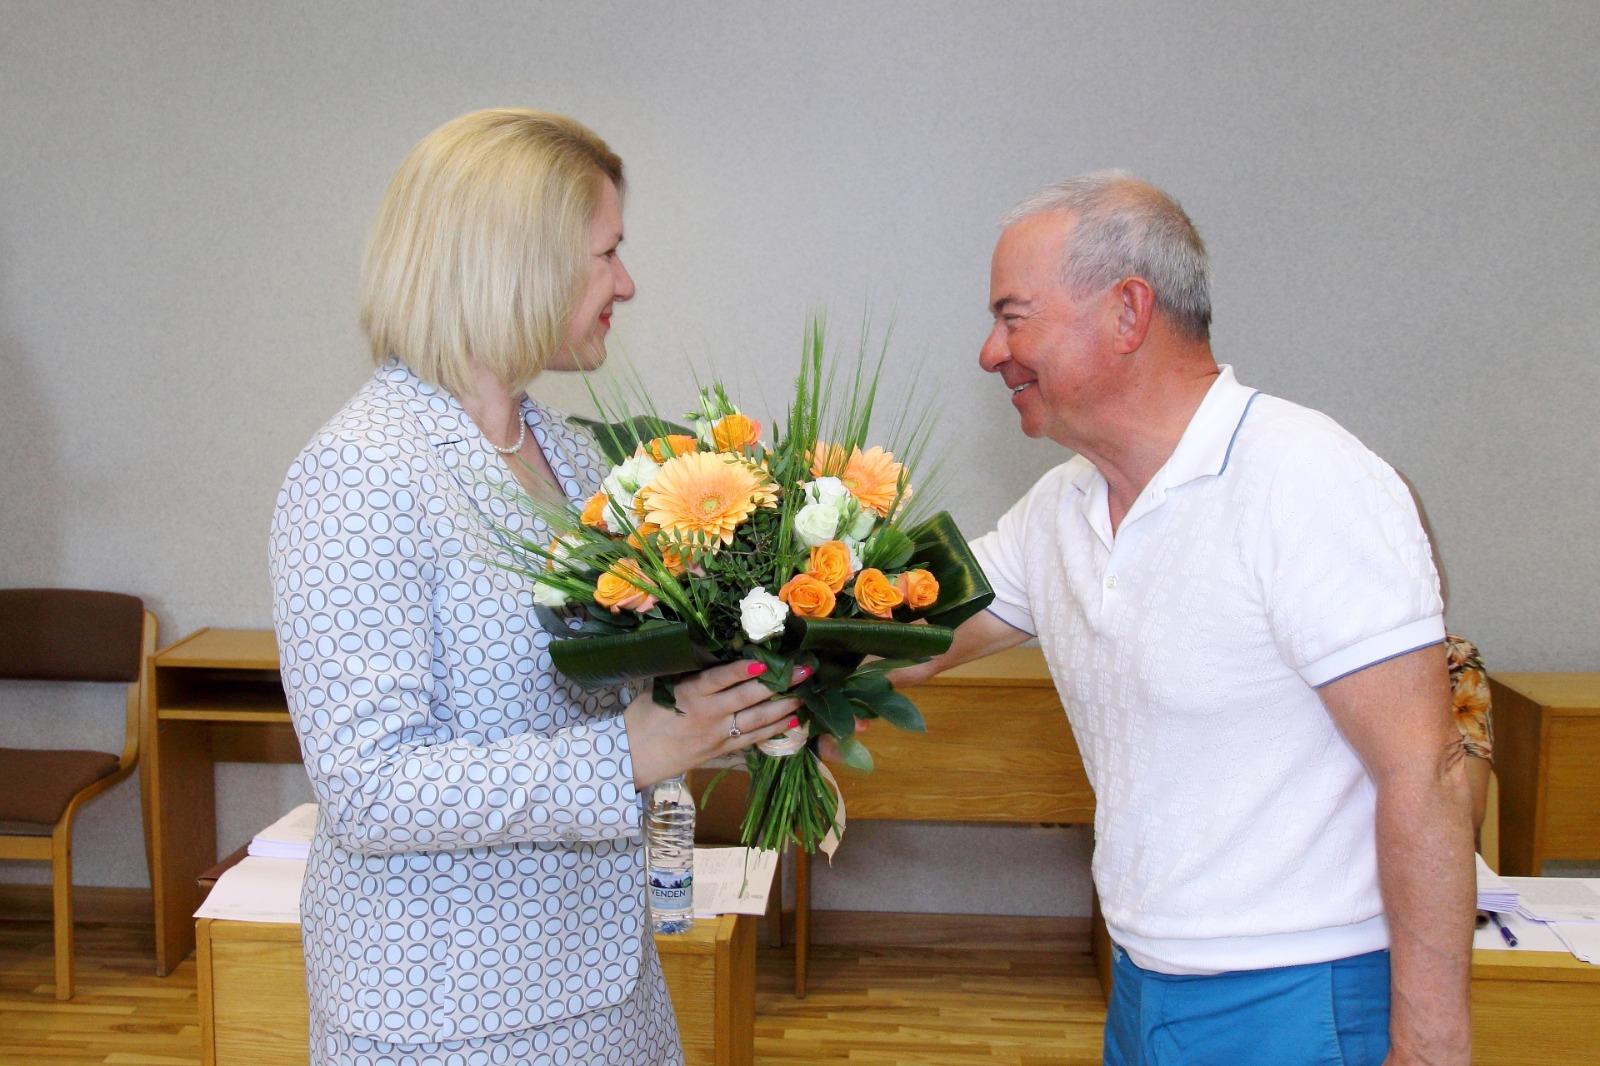 Ventspils 4. vidusskolā darbu sāks direktore Inga Bužoka